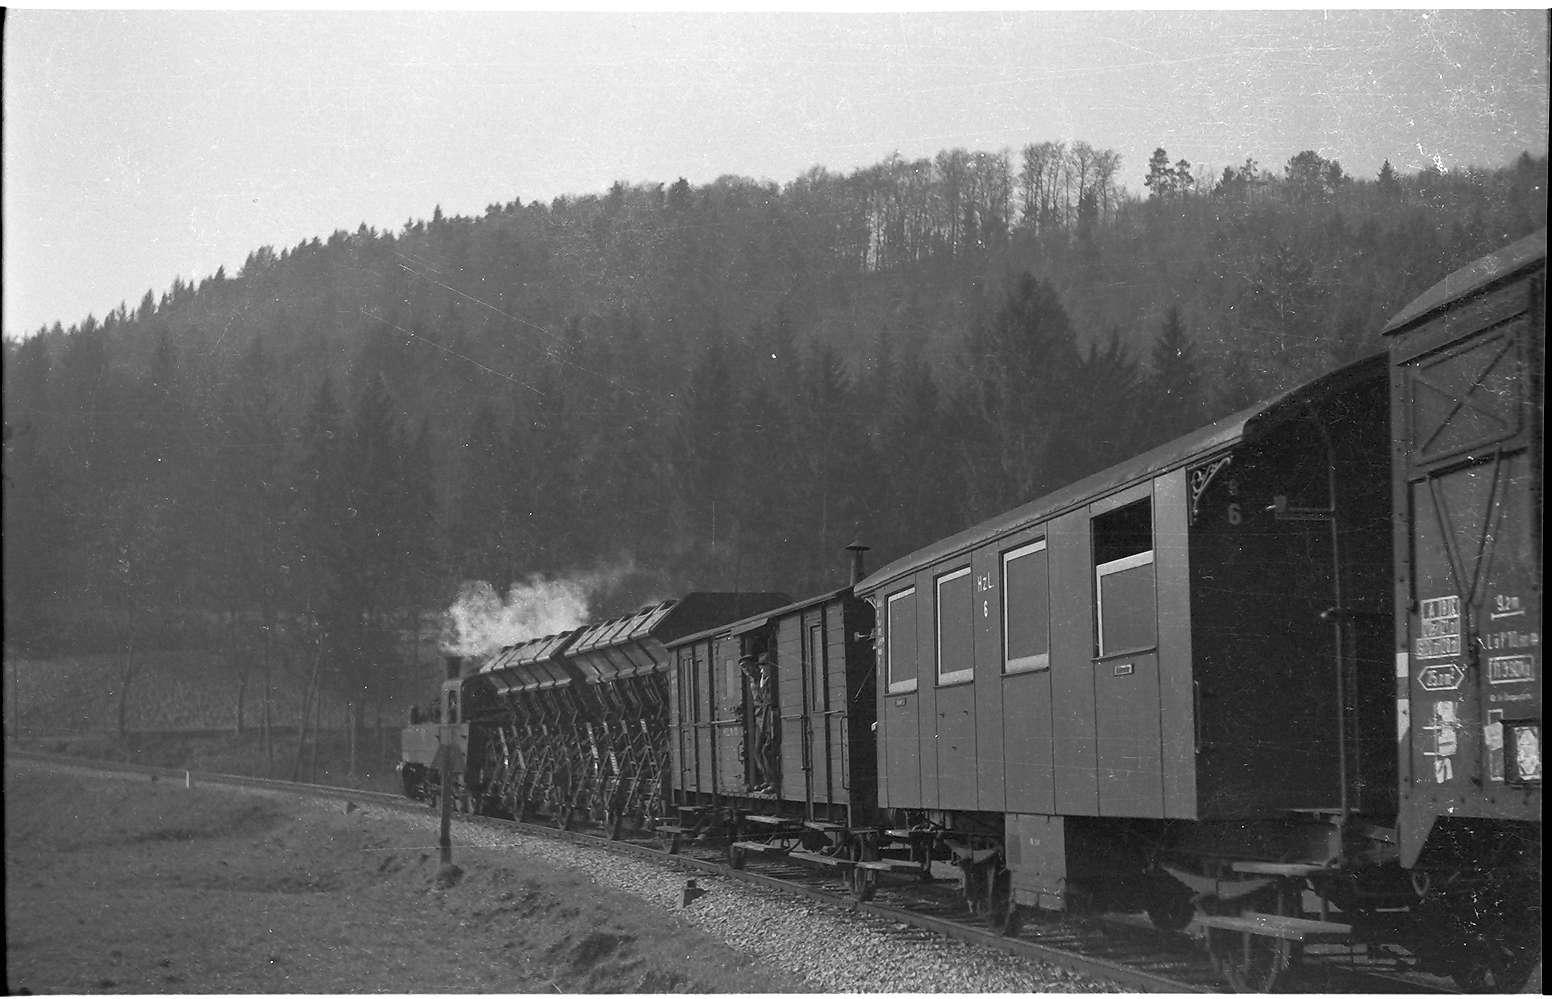 Lok 21, G(St) 305, Packwagen mit Holzaufbau, Ausfahrt Bad Imnau, Personenwagen Nr. 6, modernisiert mit WEBASTO-Heizung, erbaut 1901, 2009 als Museumsfahrzeug betriebsfähig, Bild 1